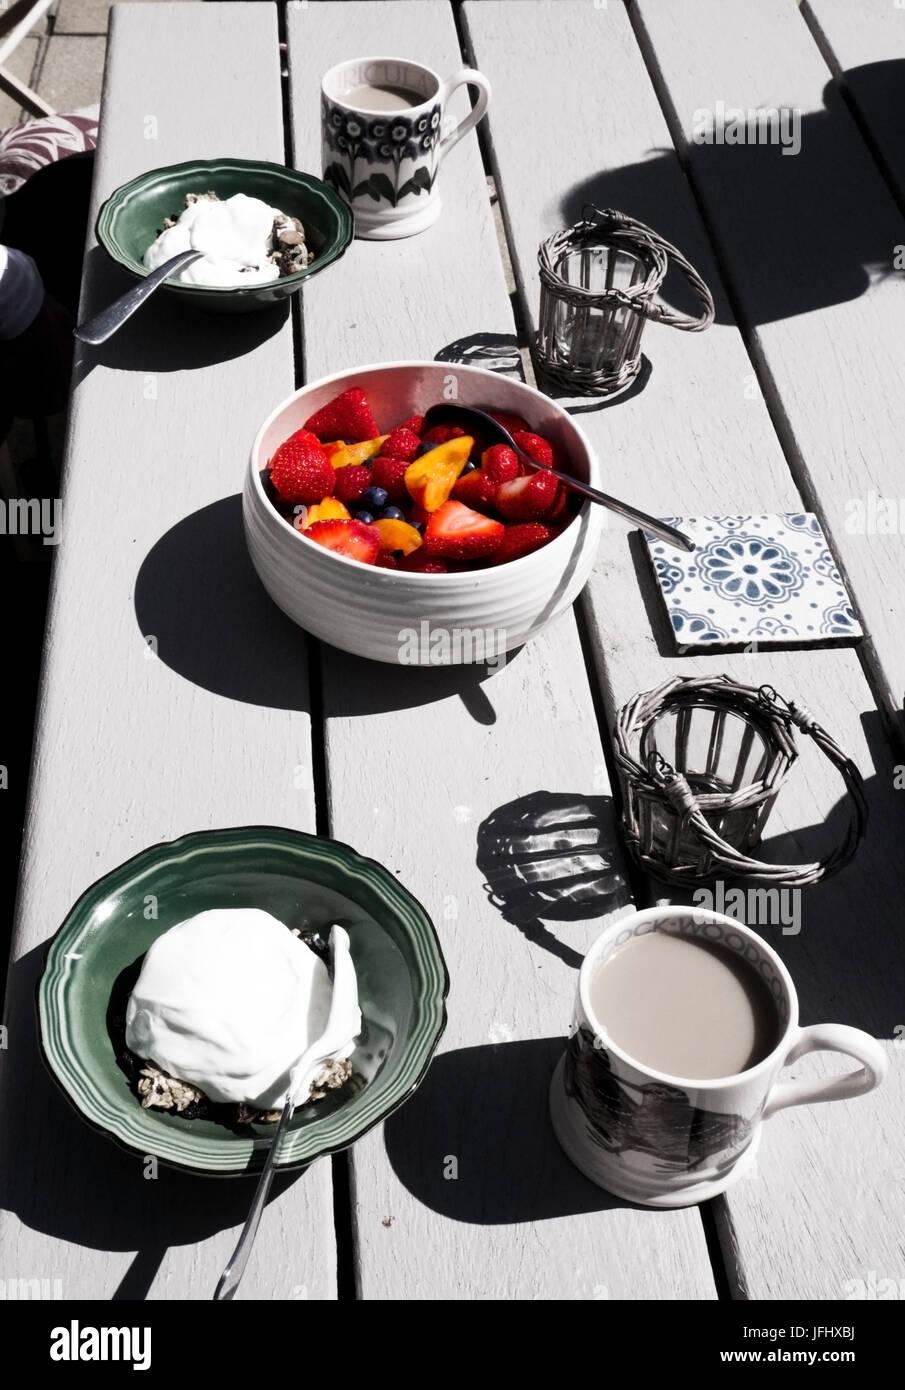 weißen hölzernen Tischplatte mit einem gesunden Frühstück auf sie in der Mitte eine bunte Obstschale Stockbild